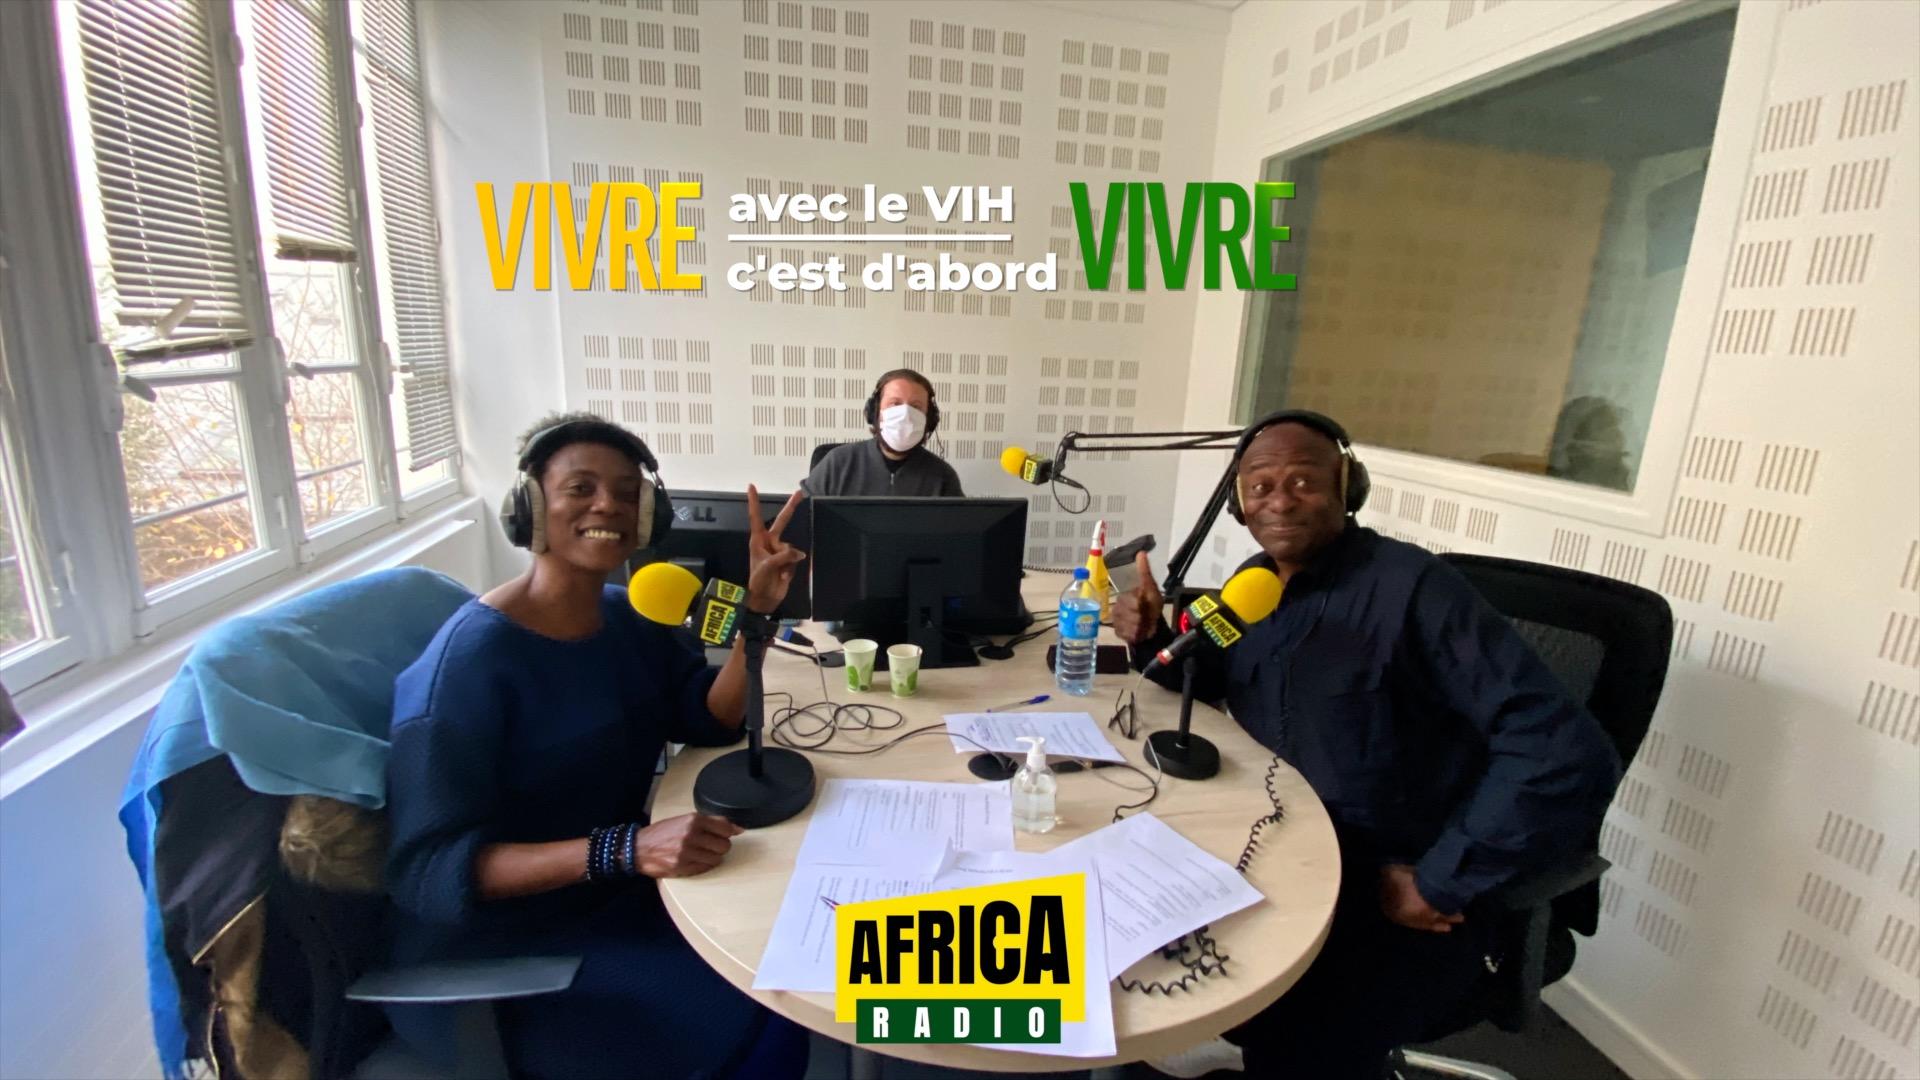 Africa Radio consacrera son émission santé du 3 décembre aux avancées et à la vie avec le VIH en 2020